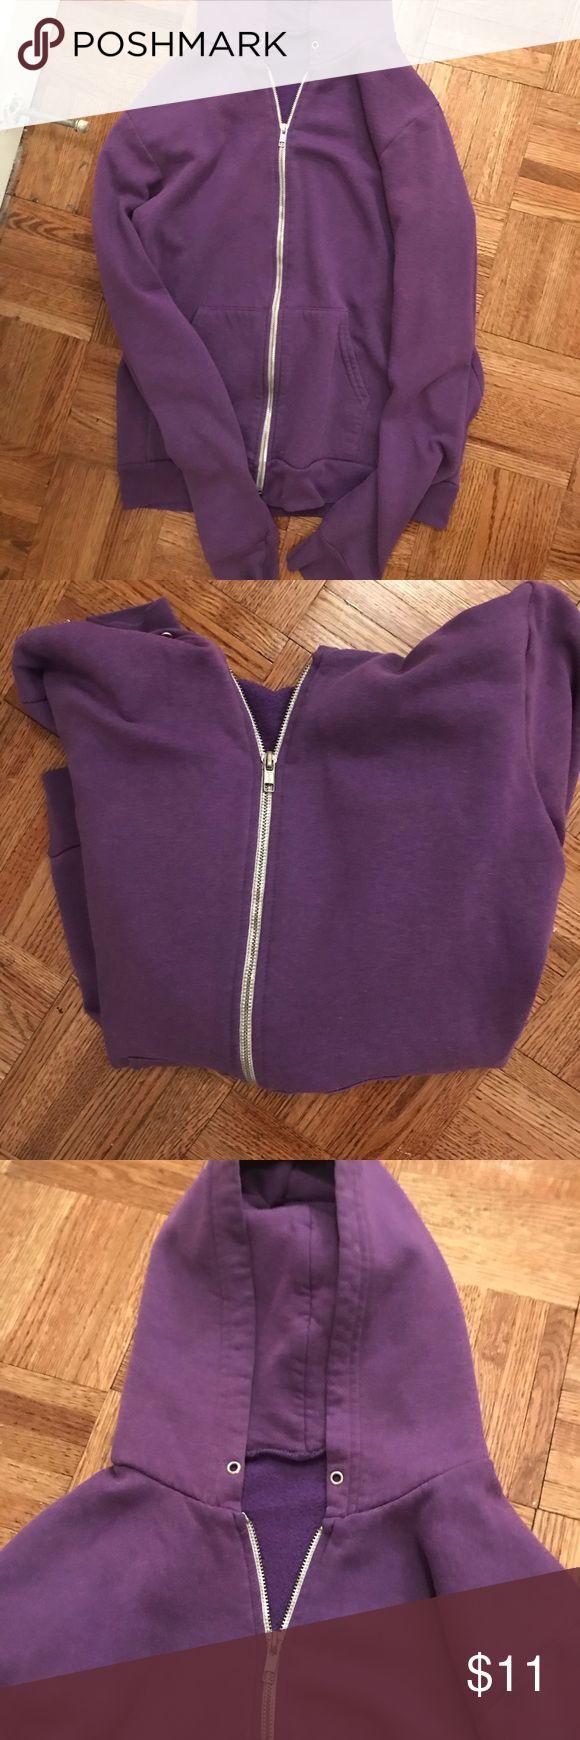 UNISEX American Apparel purple zip up hoodie AMERICAN APPAREL - unisex - purple - zip up  - hoodie American Apparel Tops Sweatshirts & Hoodies